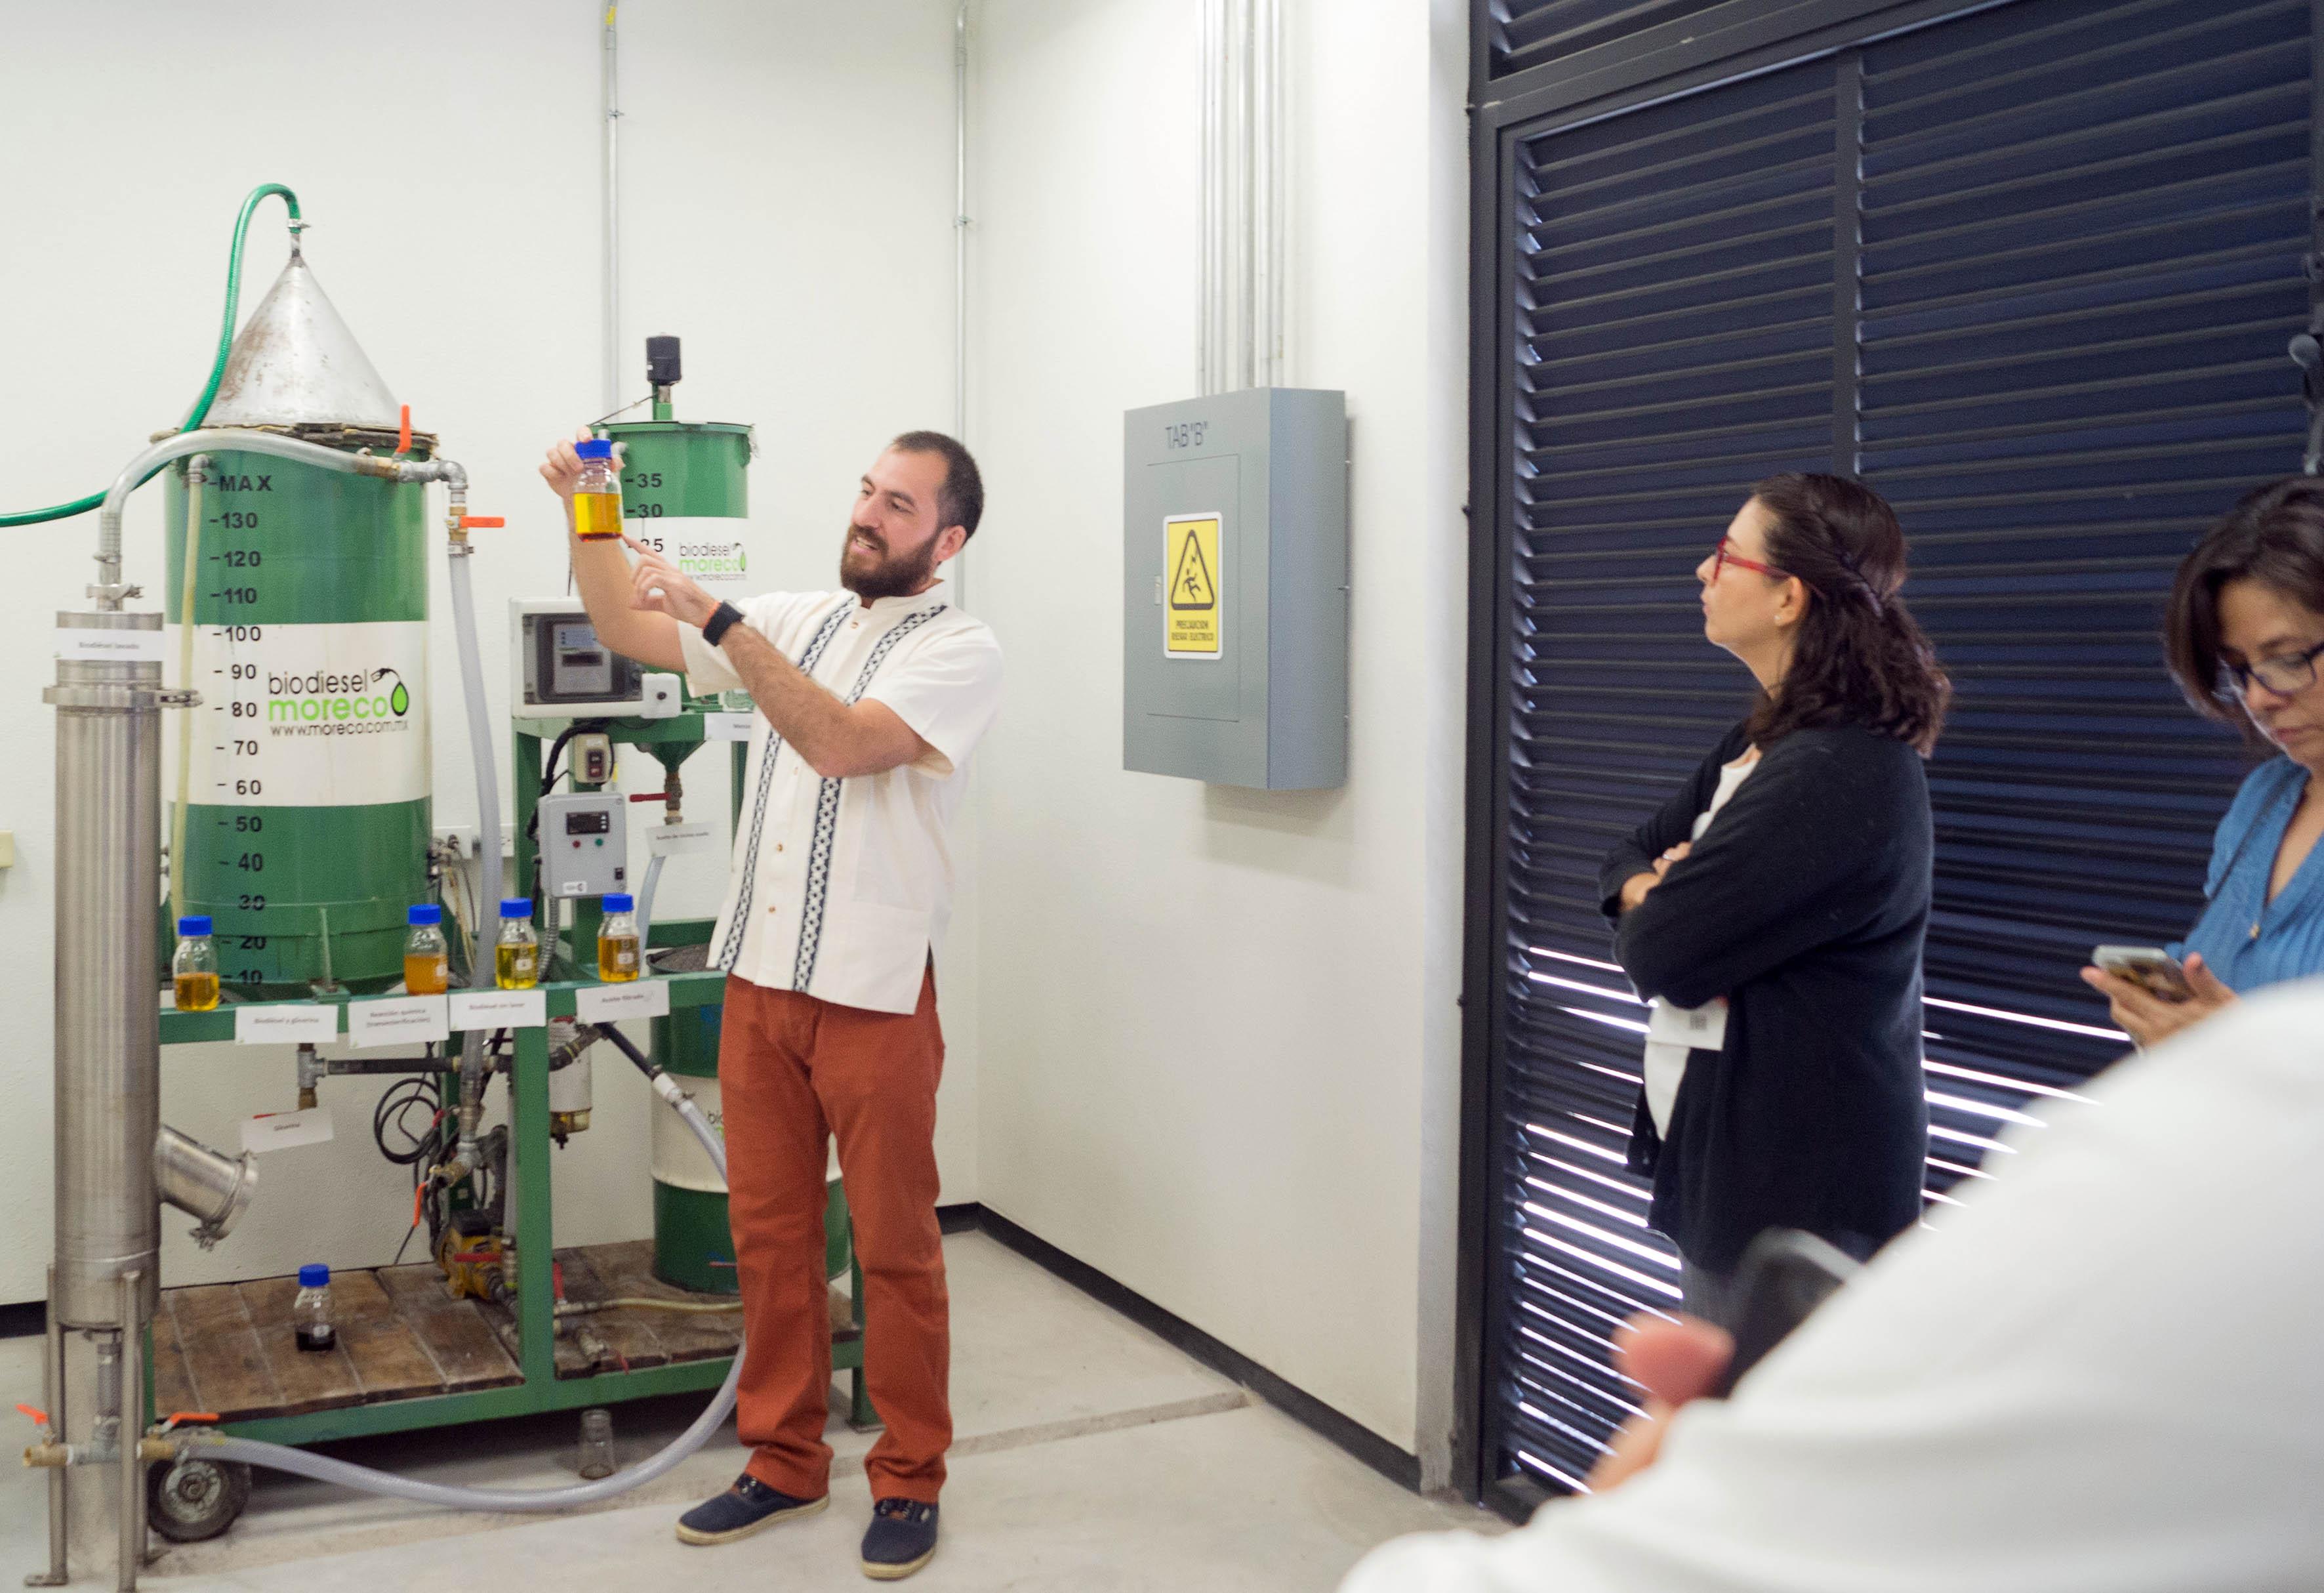 La UNAM inauguró un laboratorio para analizar la calidad de los biocombustibles